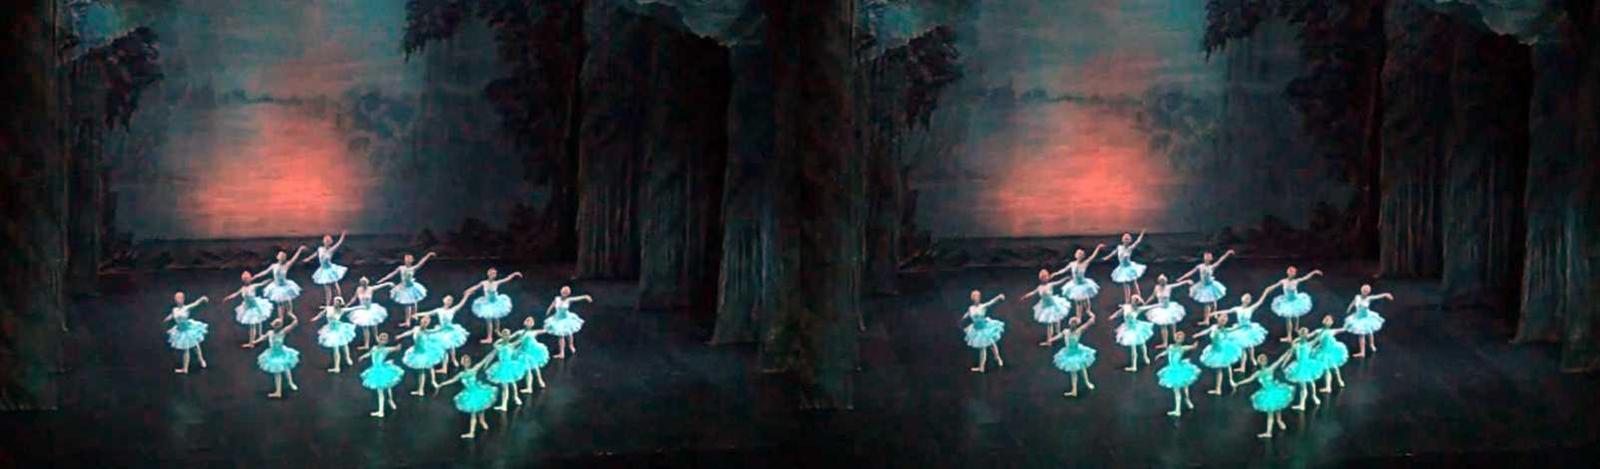 【原创】芭蕾舞剧《天鹅湖湖》截屏3